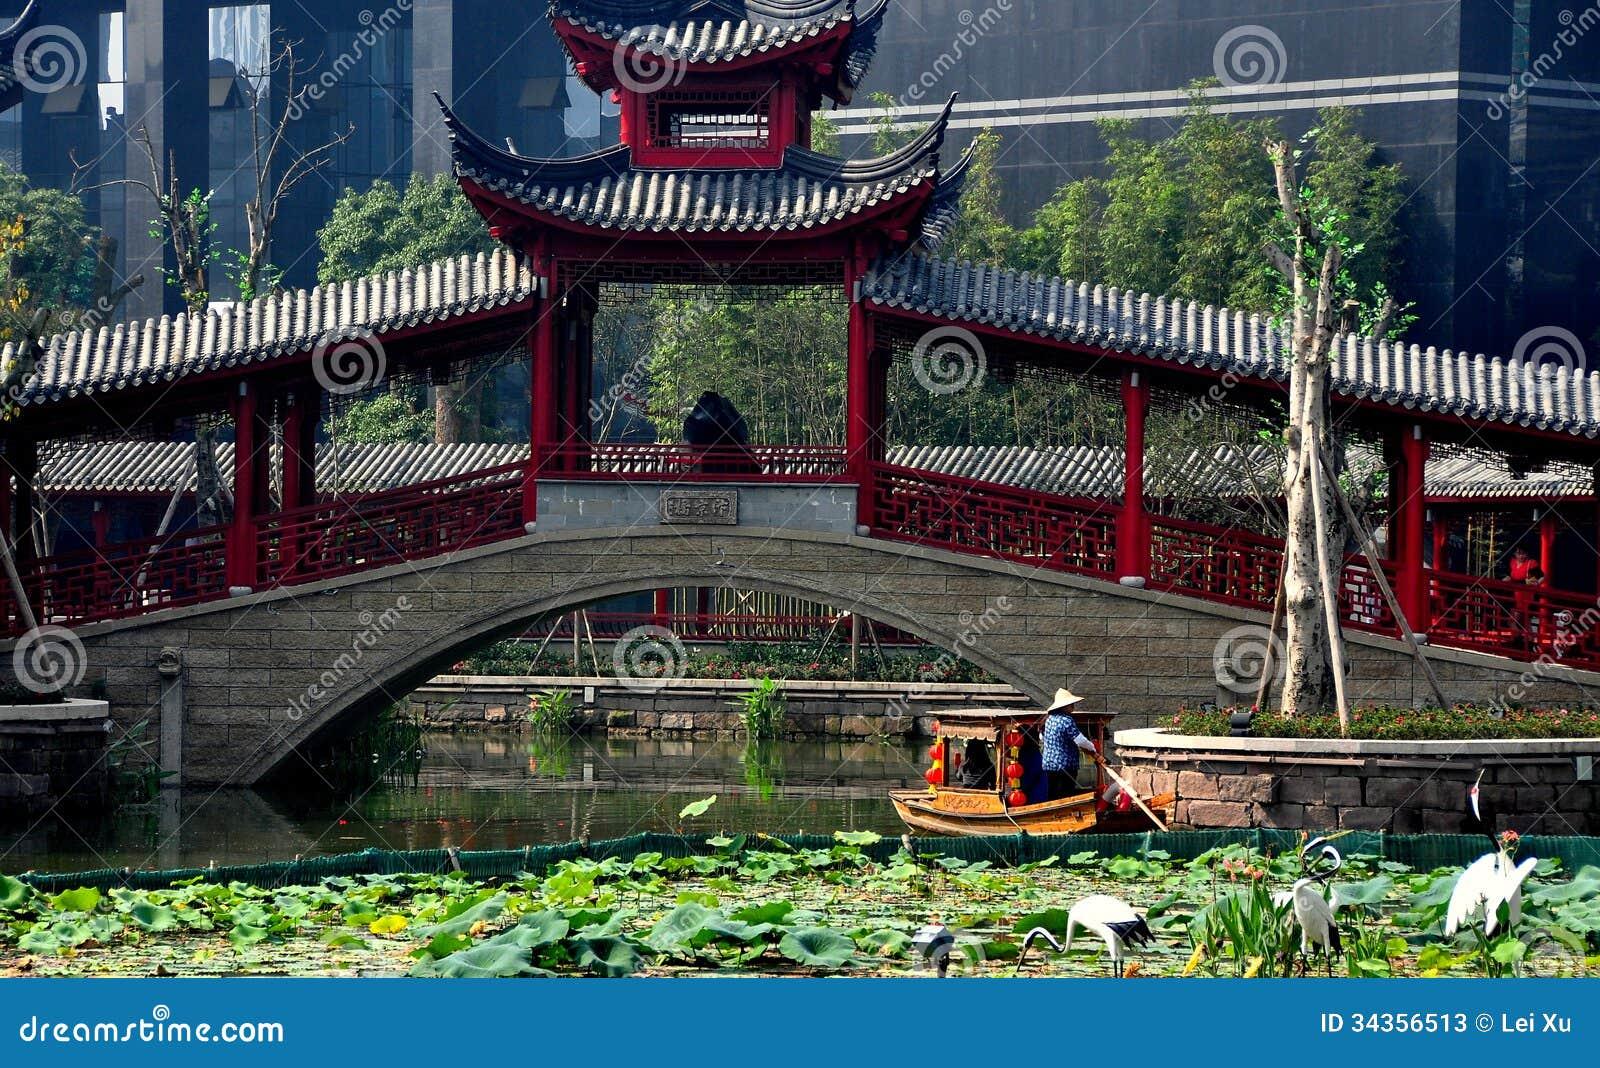 Chengdu Kina: Dold bro och fartyg på långa Tan Water Town